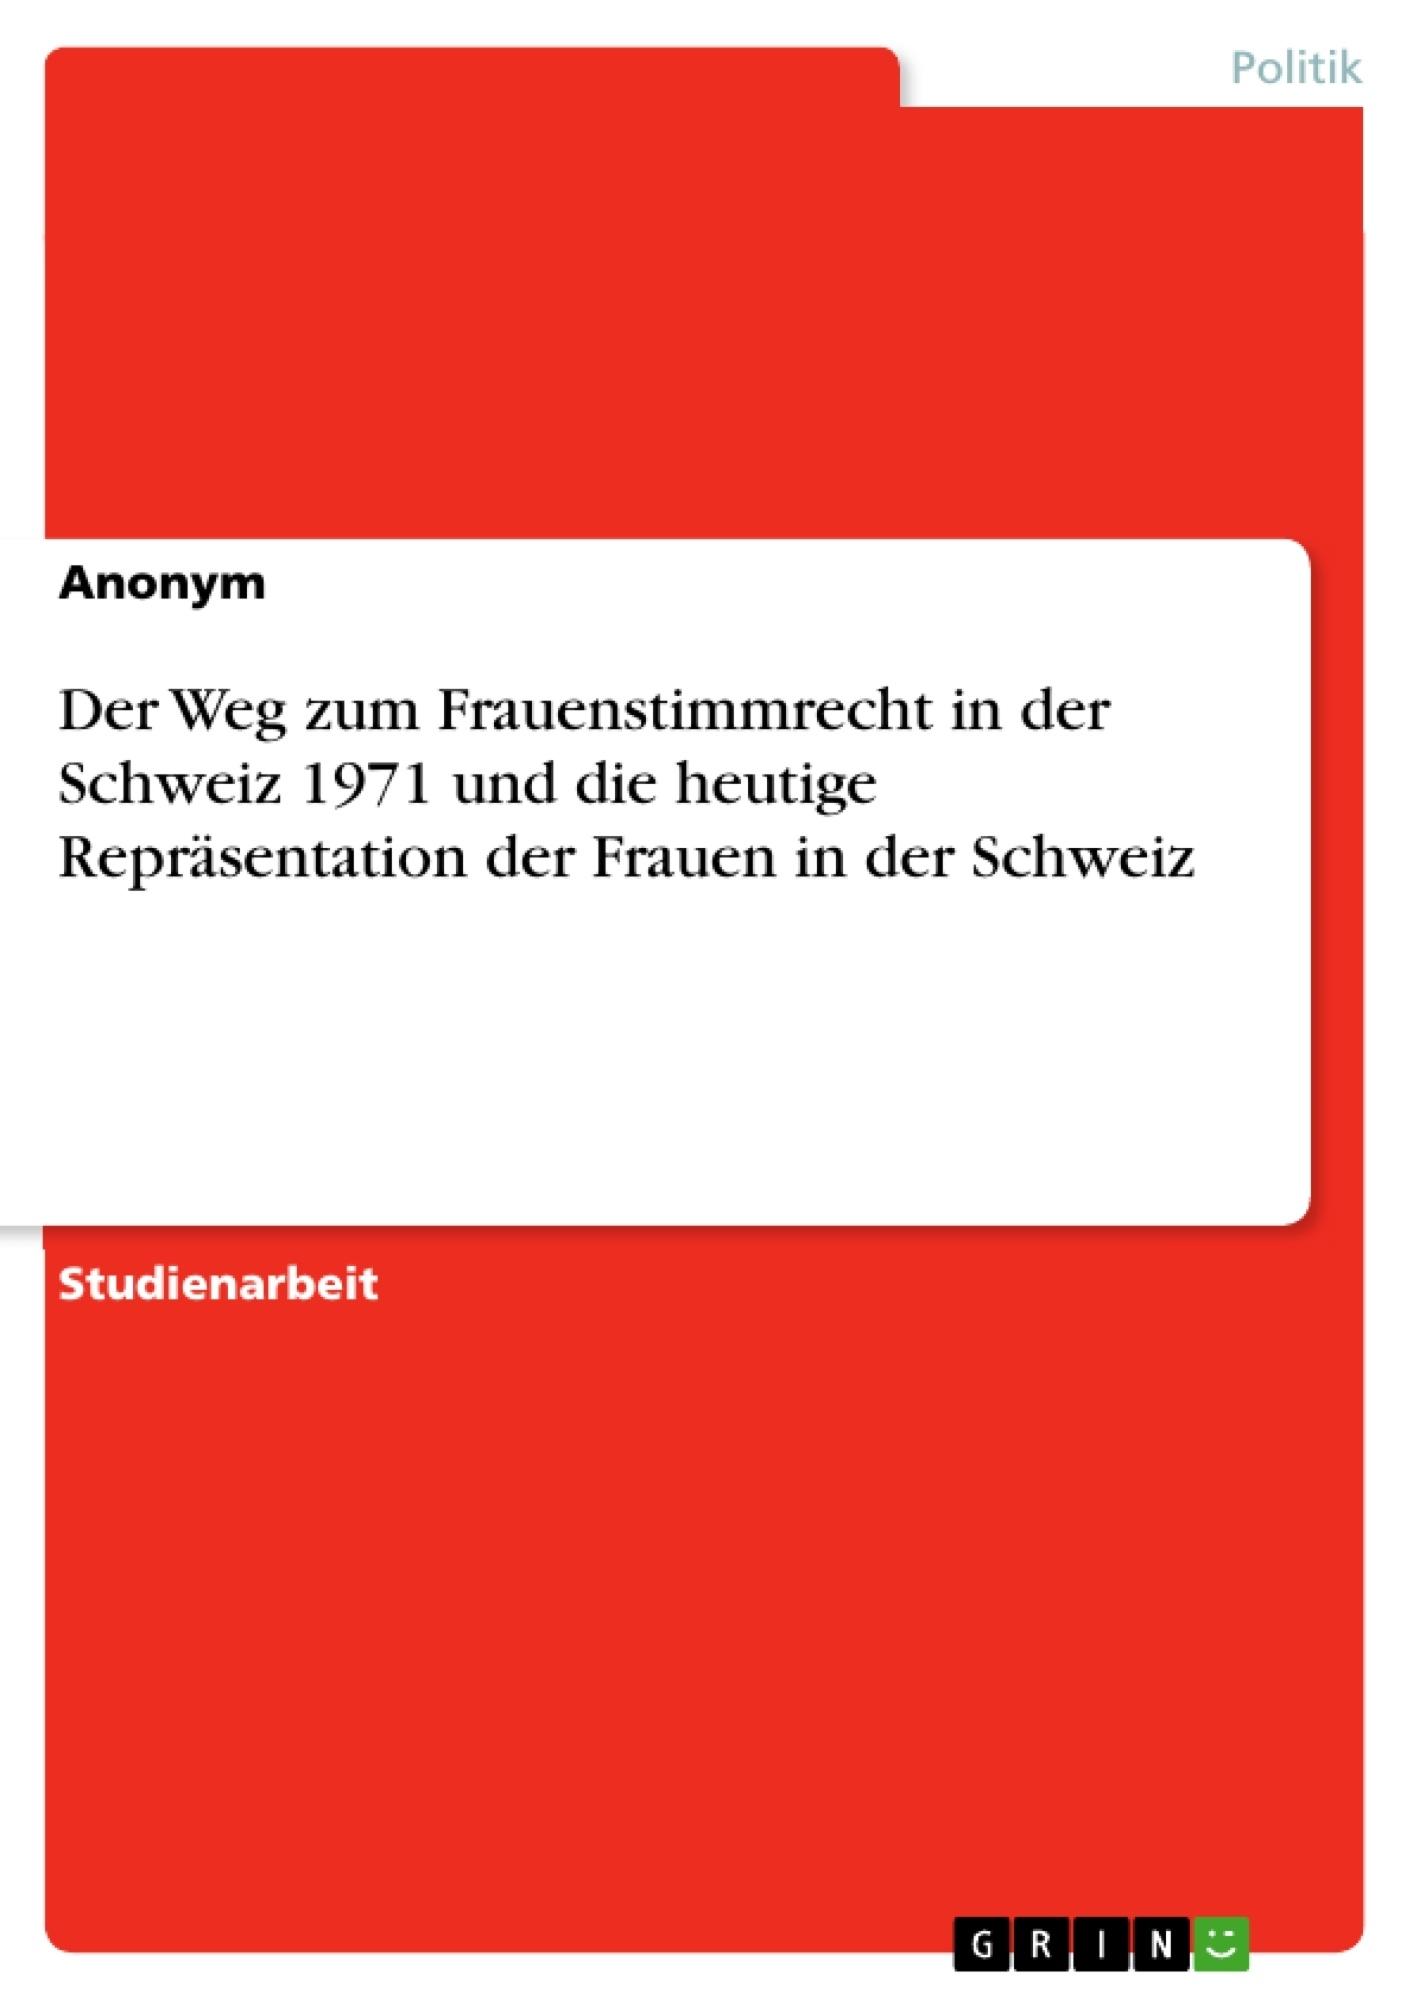 Titel: Der Weg zum Frauenstimmrecht in der Schweiz 1971 und die heutige Repräsentation der Frauen in der Schweiz